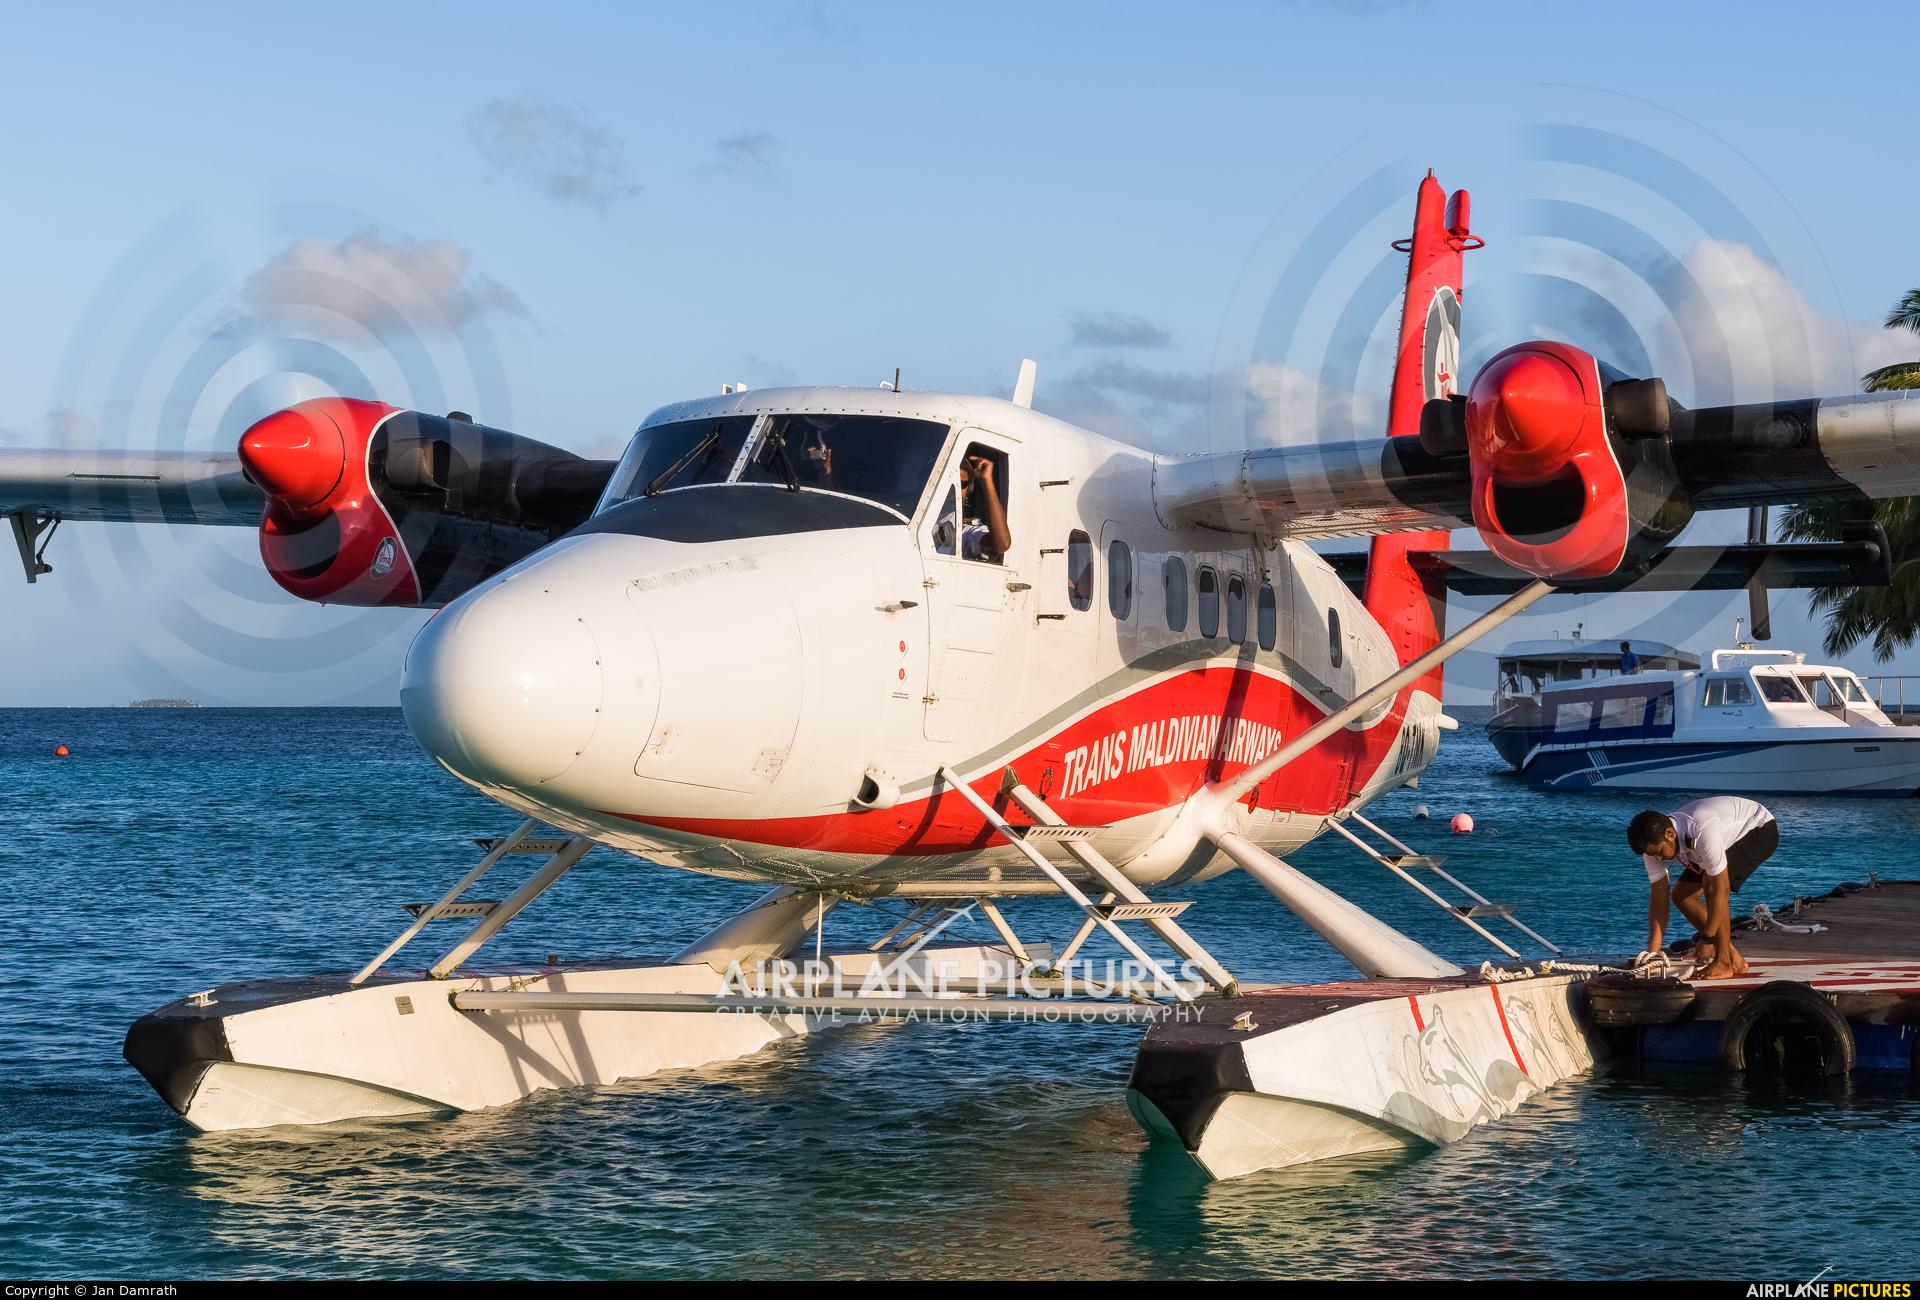 Trans Maldivian Airways - TMA 8Q-TMK aircraft at Off Airport - Maldives